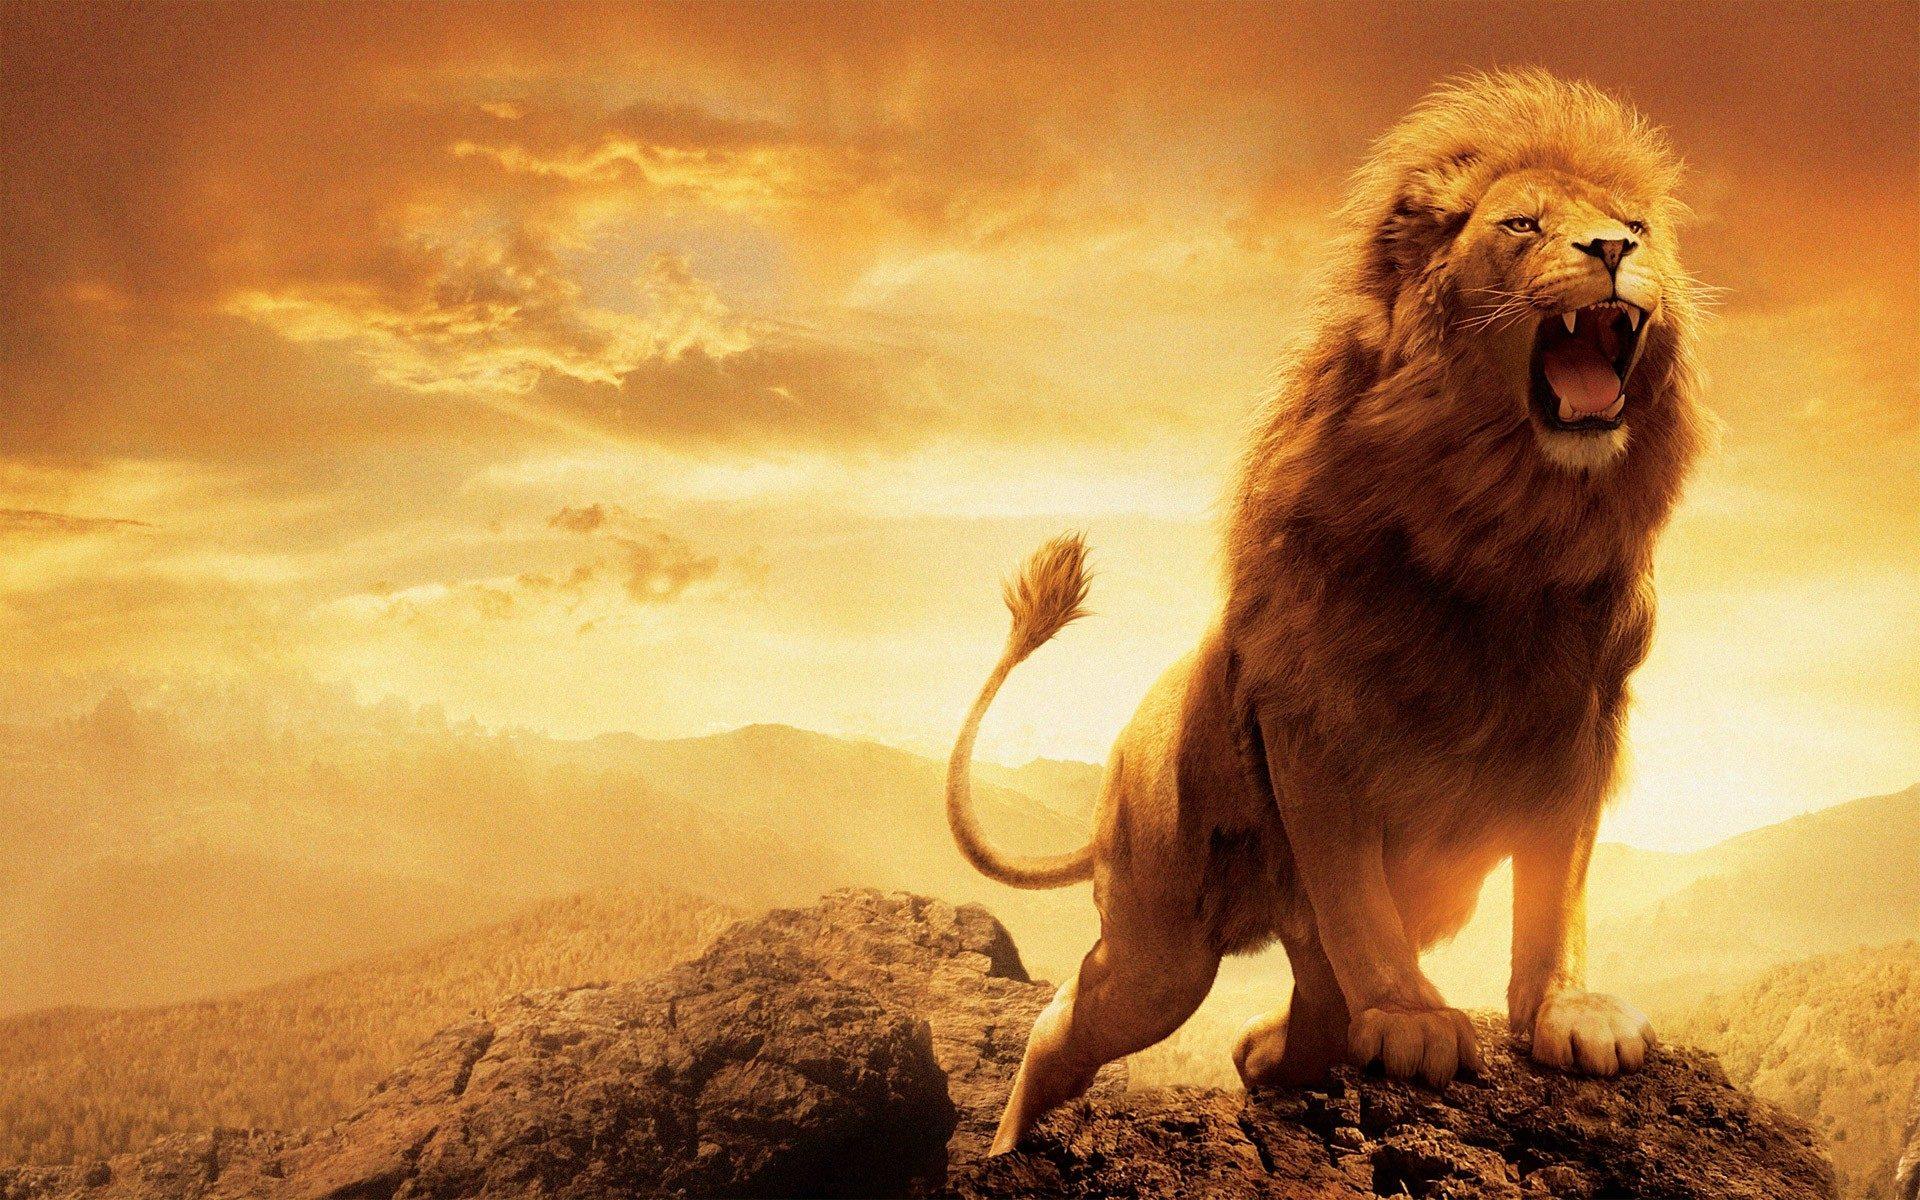 Lion Wallpaper Hd | HD Picturez